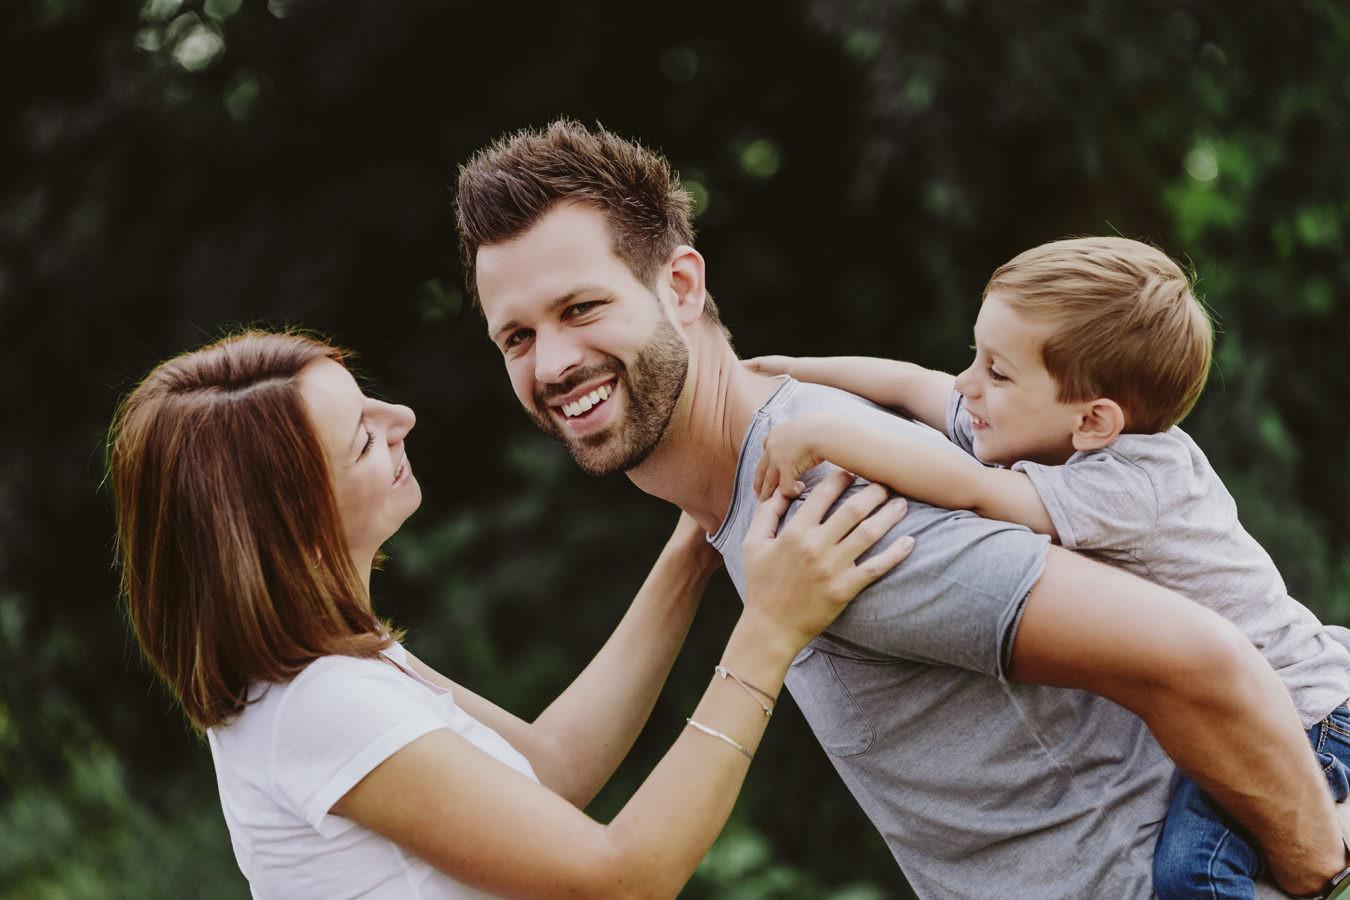 Familien Fotoshooting mit einer lachenden Familie mit Mama, Papa und Sohn auf dem Rücken, die für ein Fotoshooting im Freien stehen